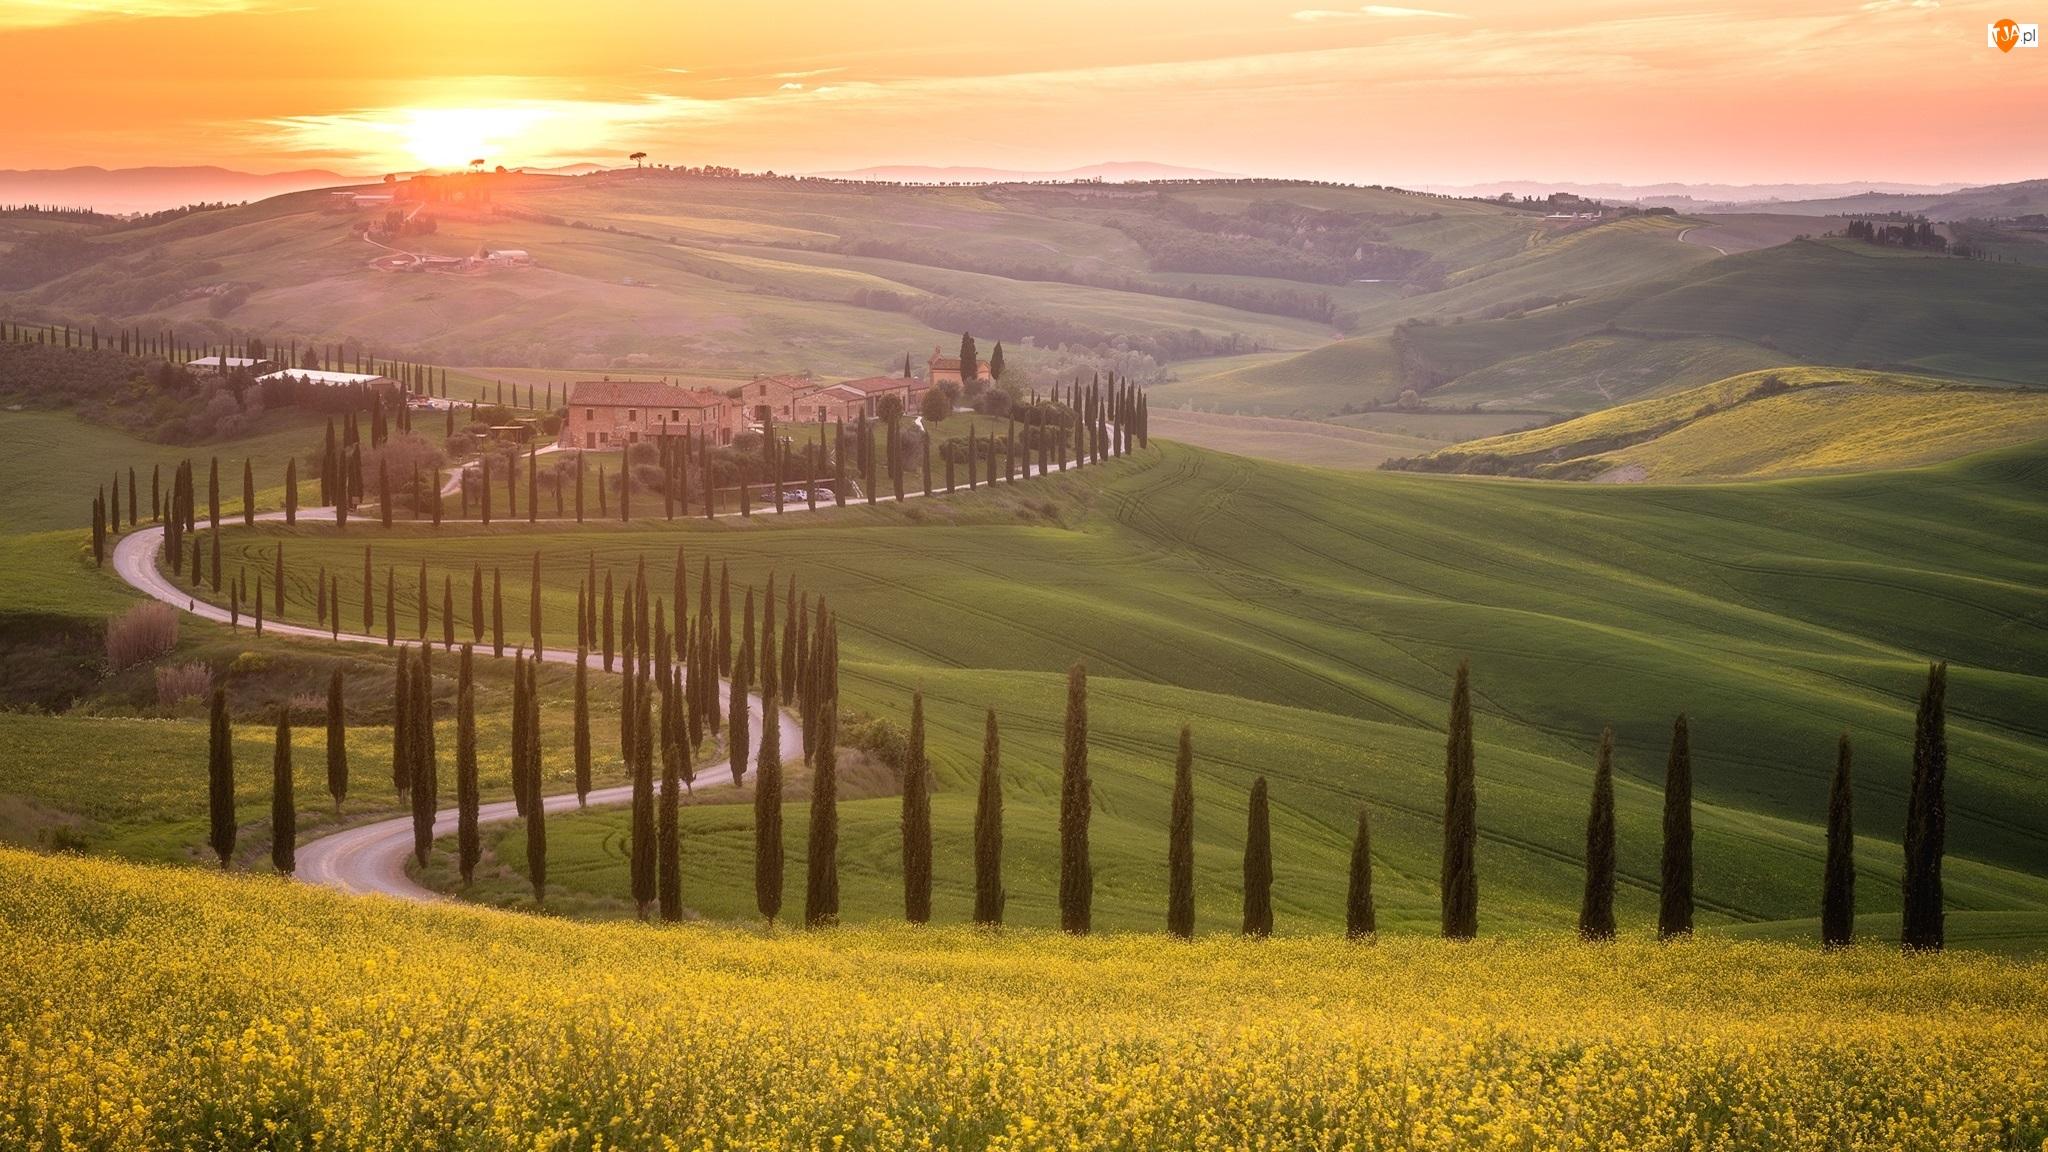 Wschód słońca, Drzewa, Cyprysy, Droga, Włochy, Toskania, Agriturismo Baccoleno, Hotel, Domy, Wzgórza